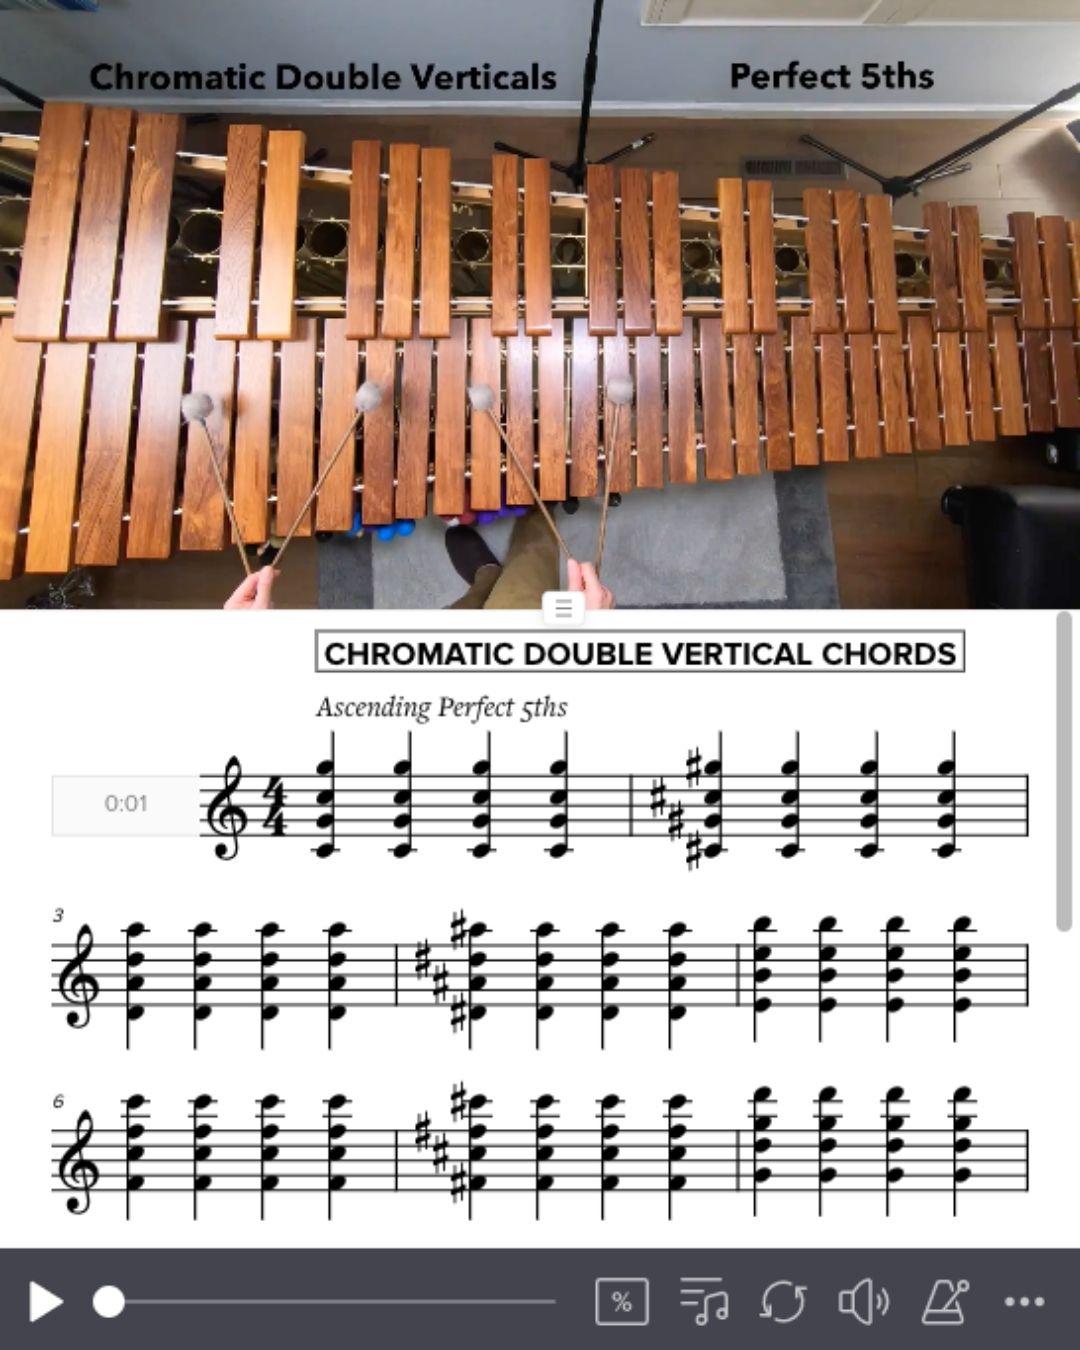 Chrom. DV Chords 5ths